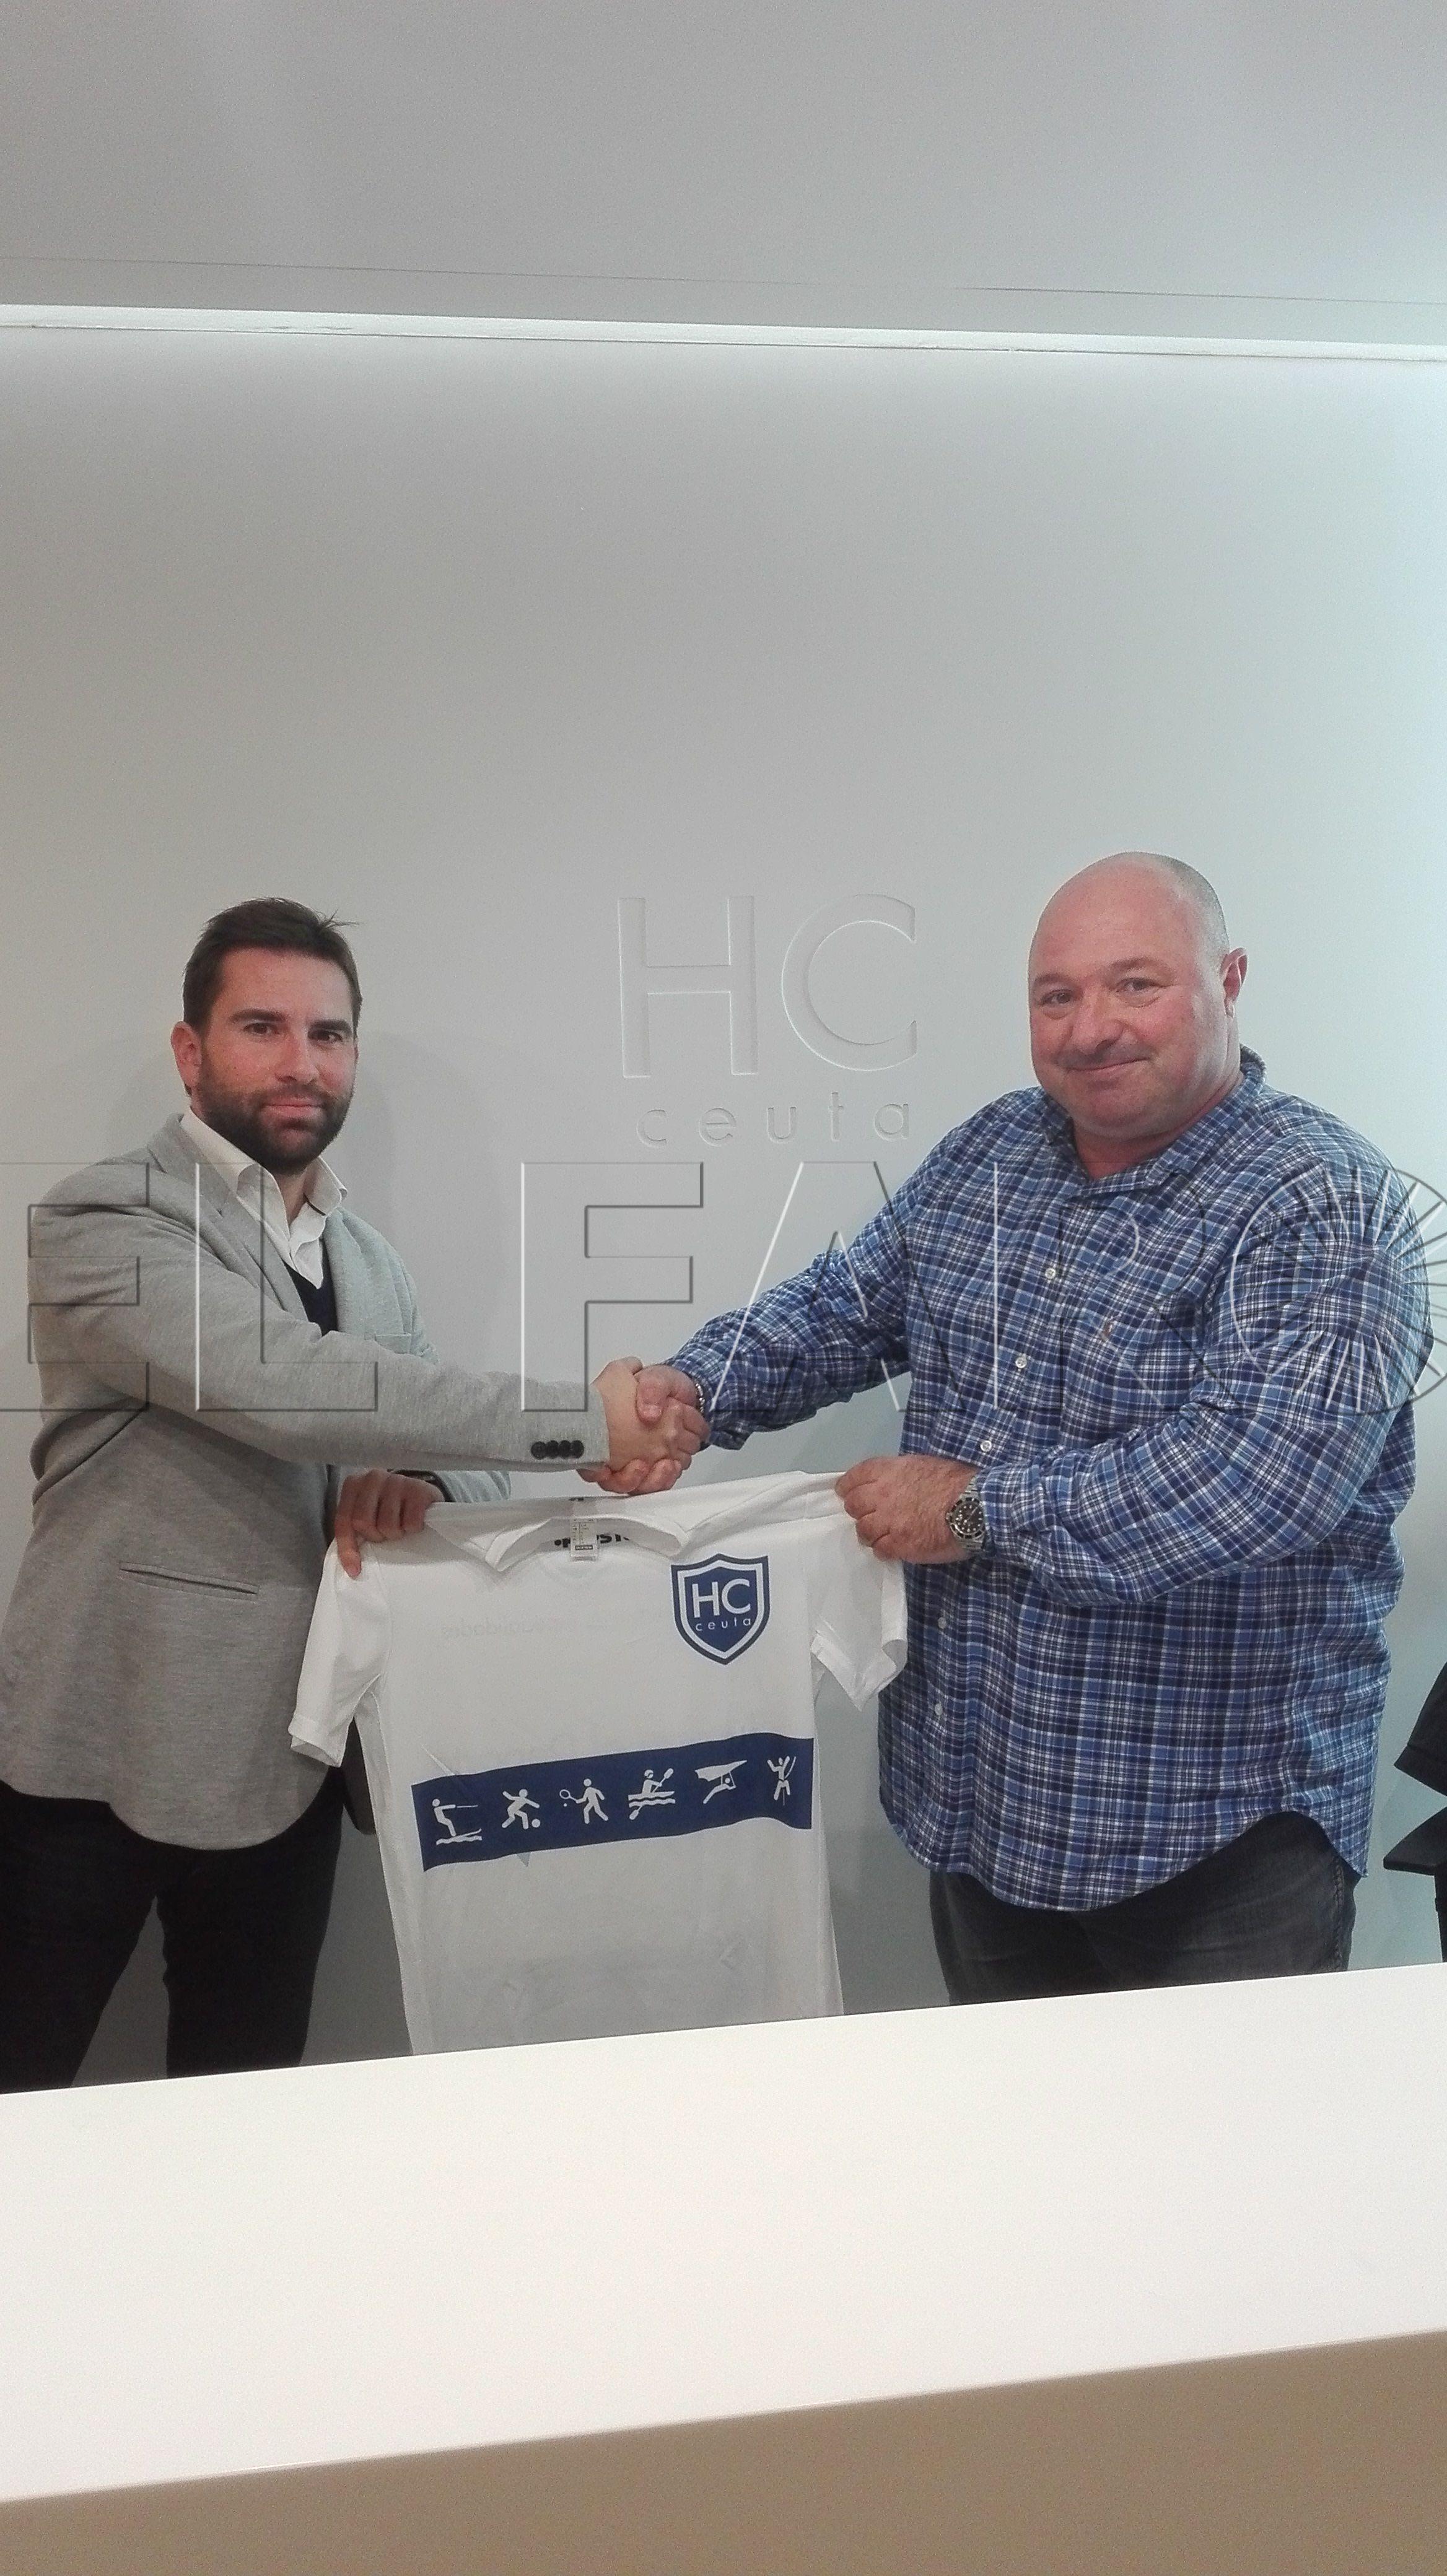 HC Ceuta también ha cerrado un acuerdo con la Federación de Vela